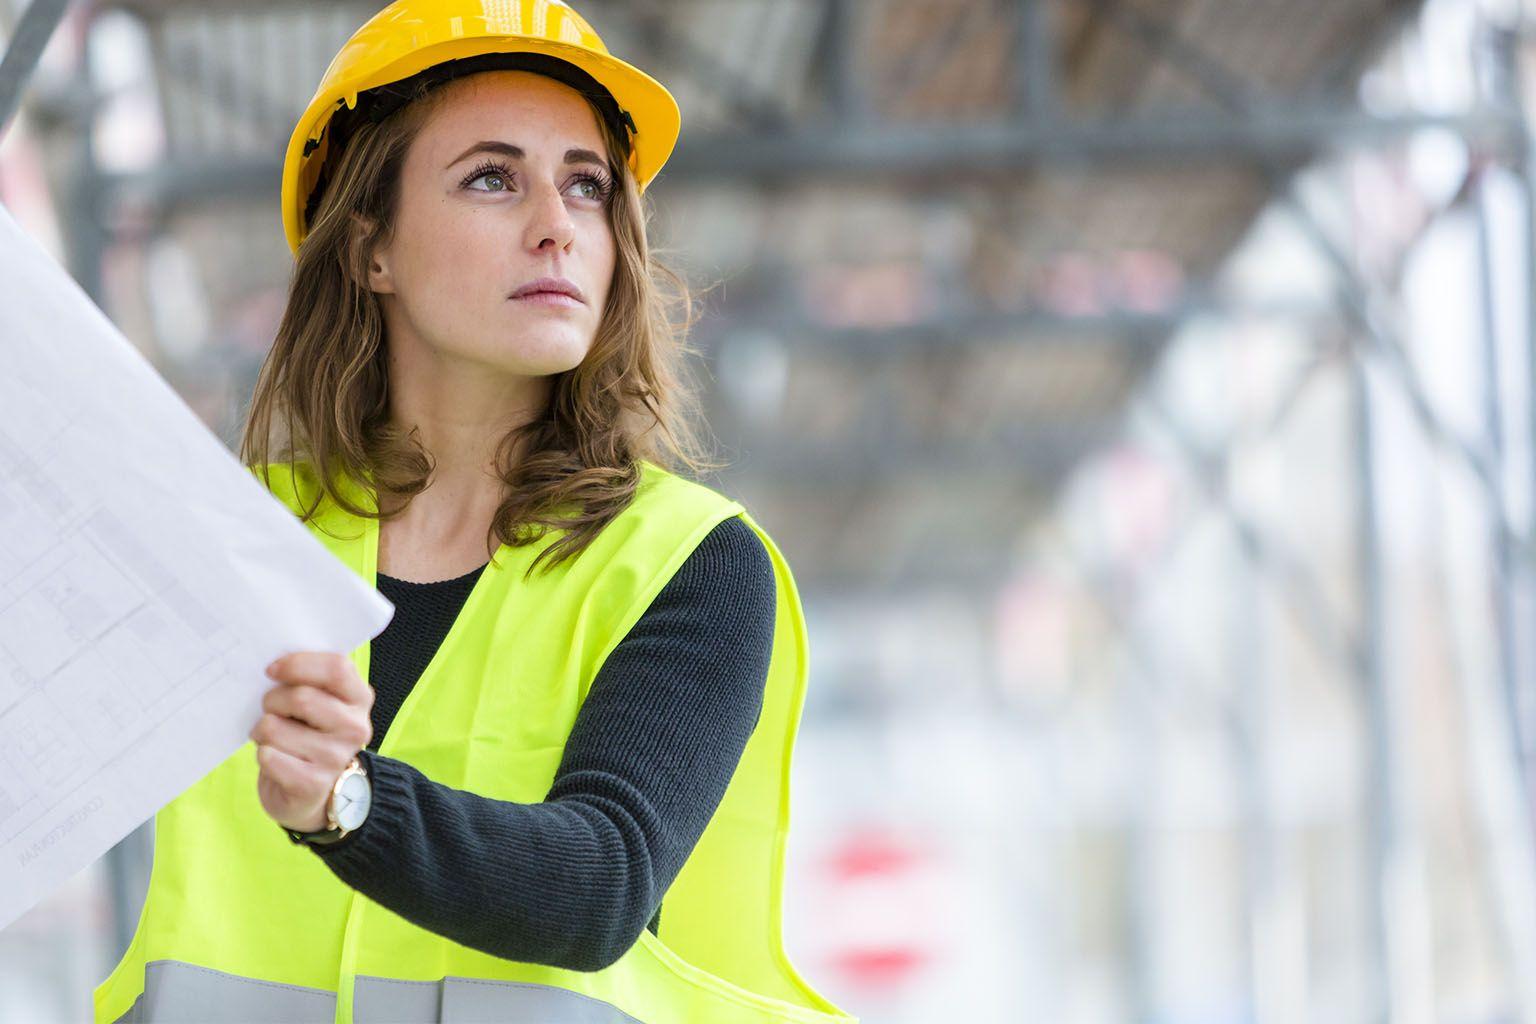 Avviso pubblico per l'assunzione a tempo indeterminato di un Project Manager ambientale